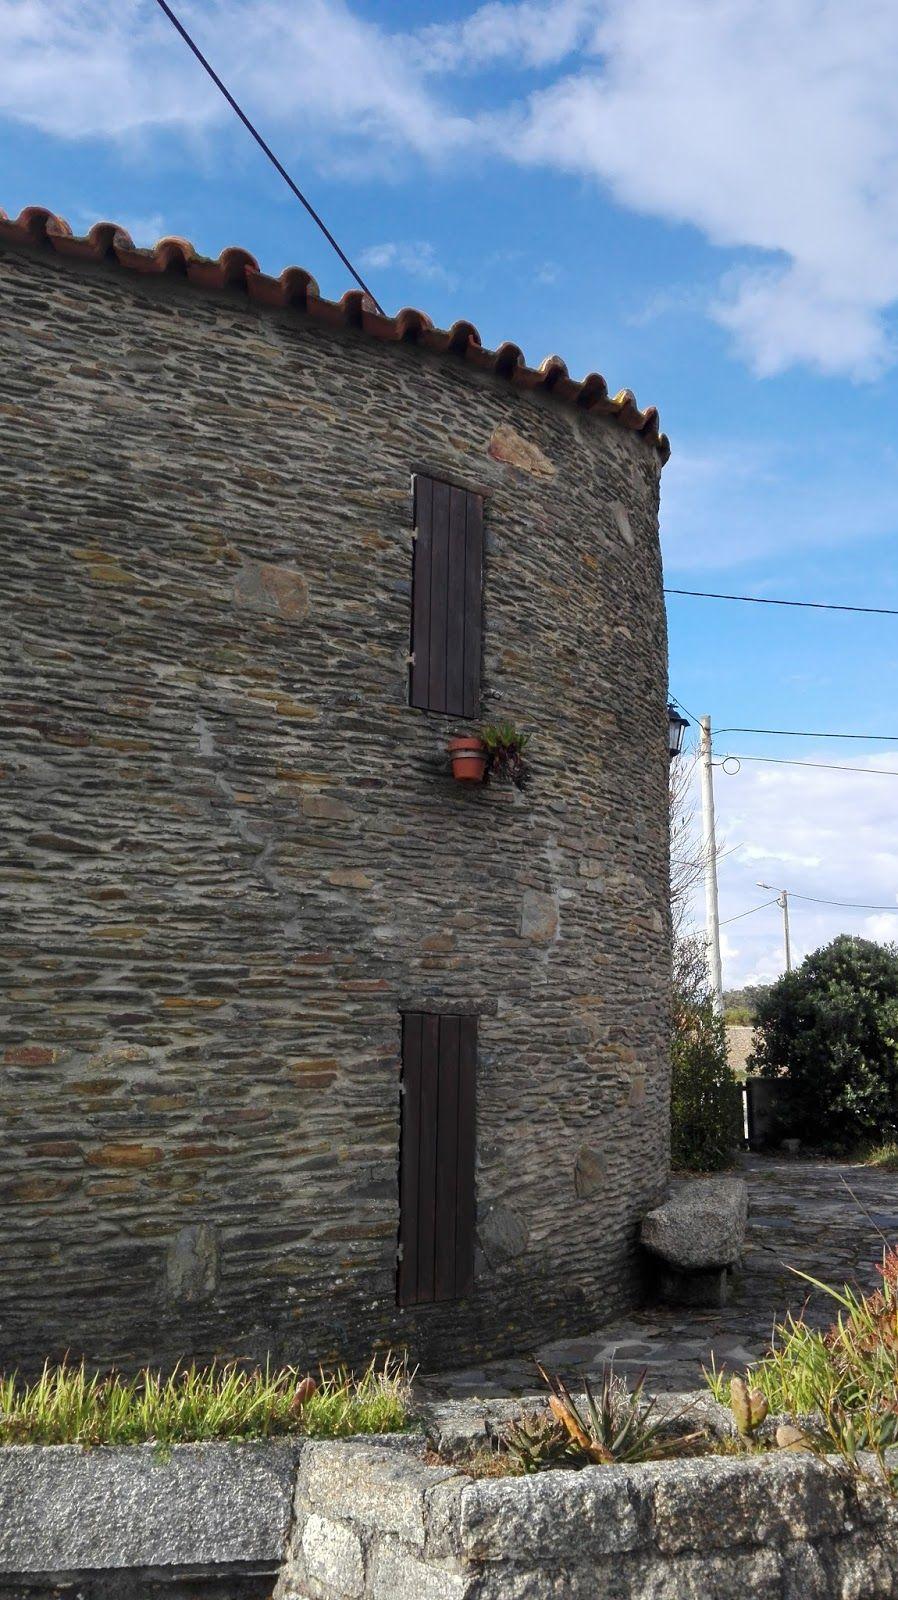 PEDRINHAS & CEDOVÉM - Apúlia - Esposende - PORTUGAL - - - - - - - - - EUROPE - - - - - - - - -: Arquitetura